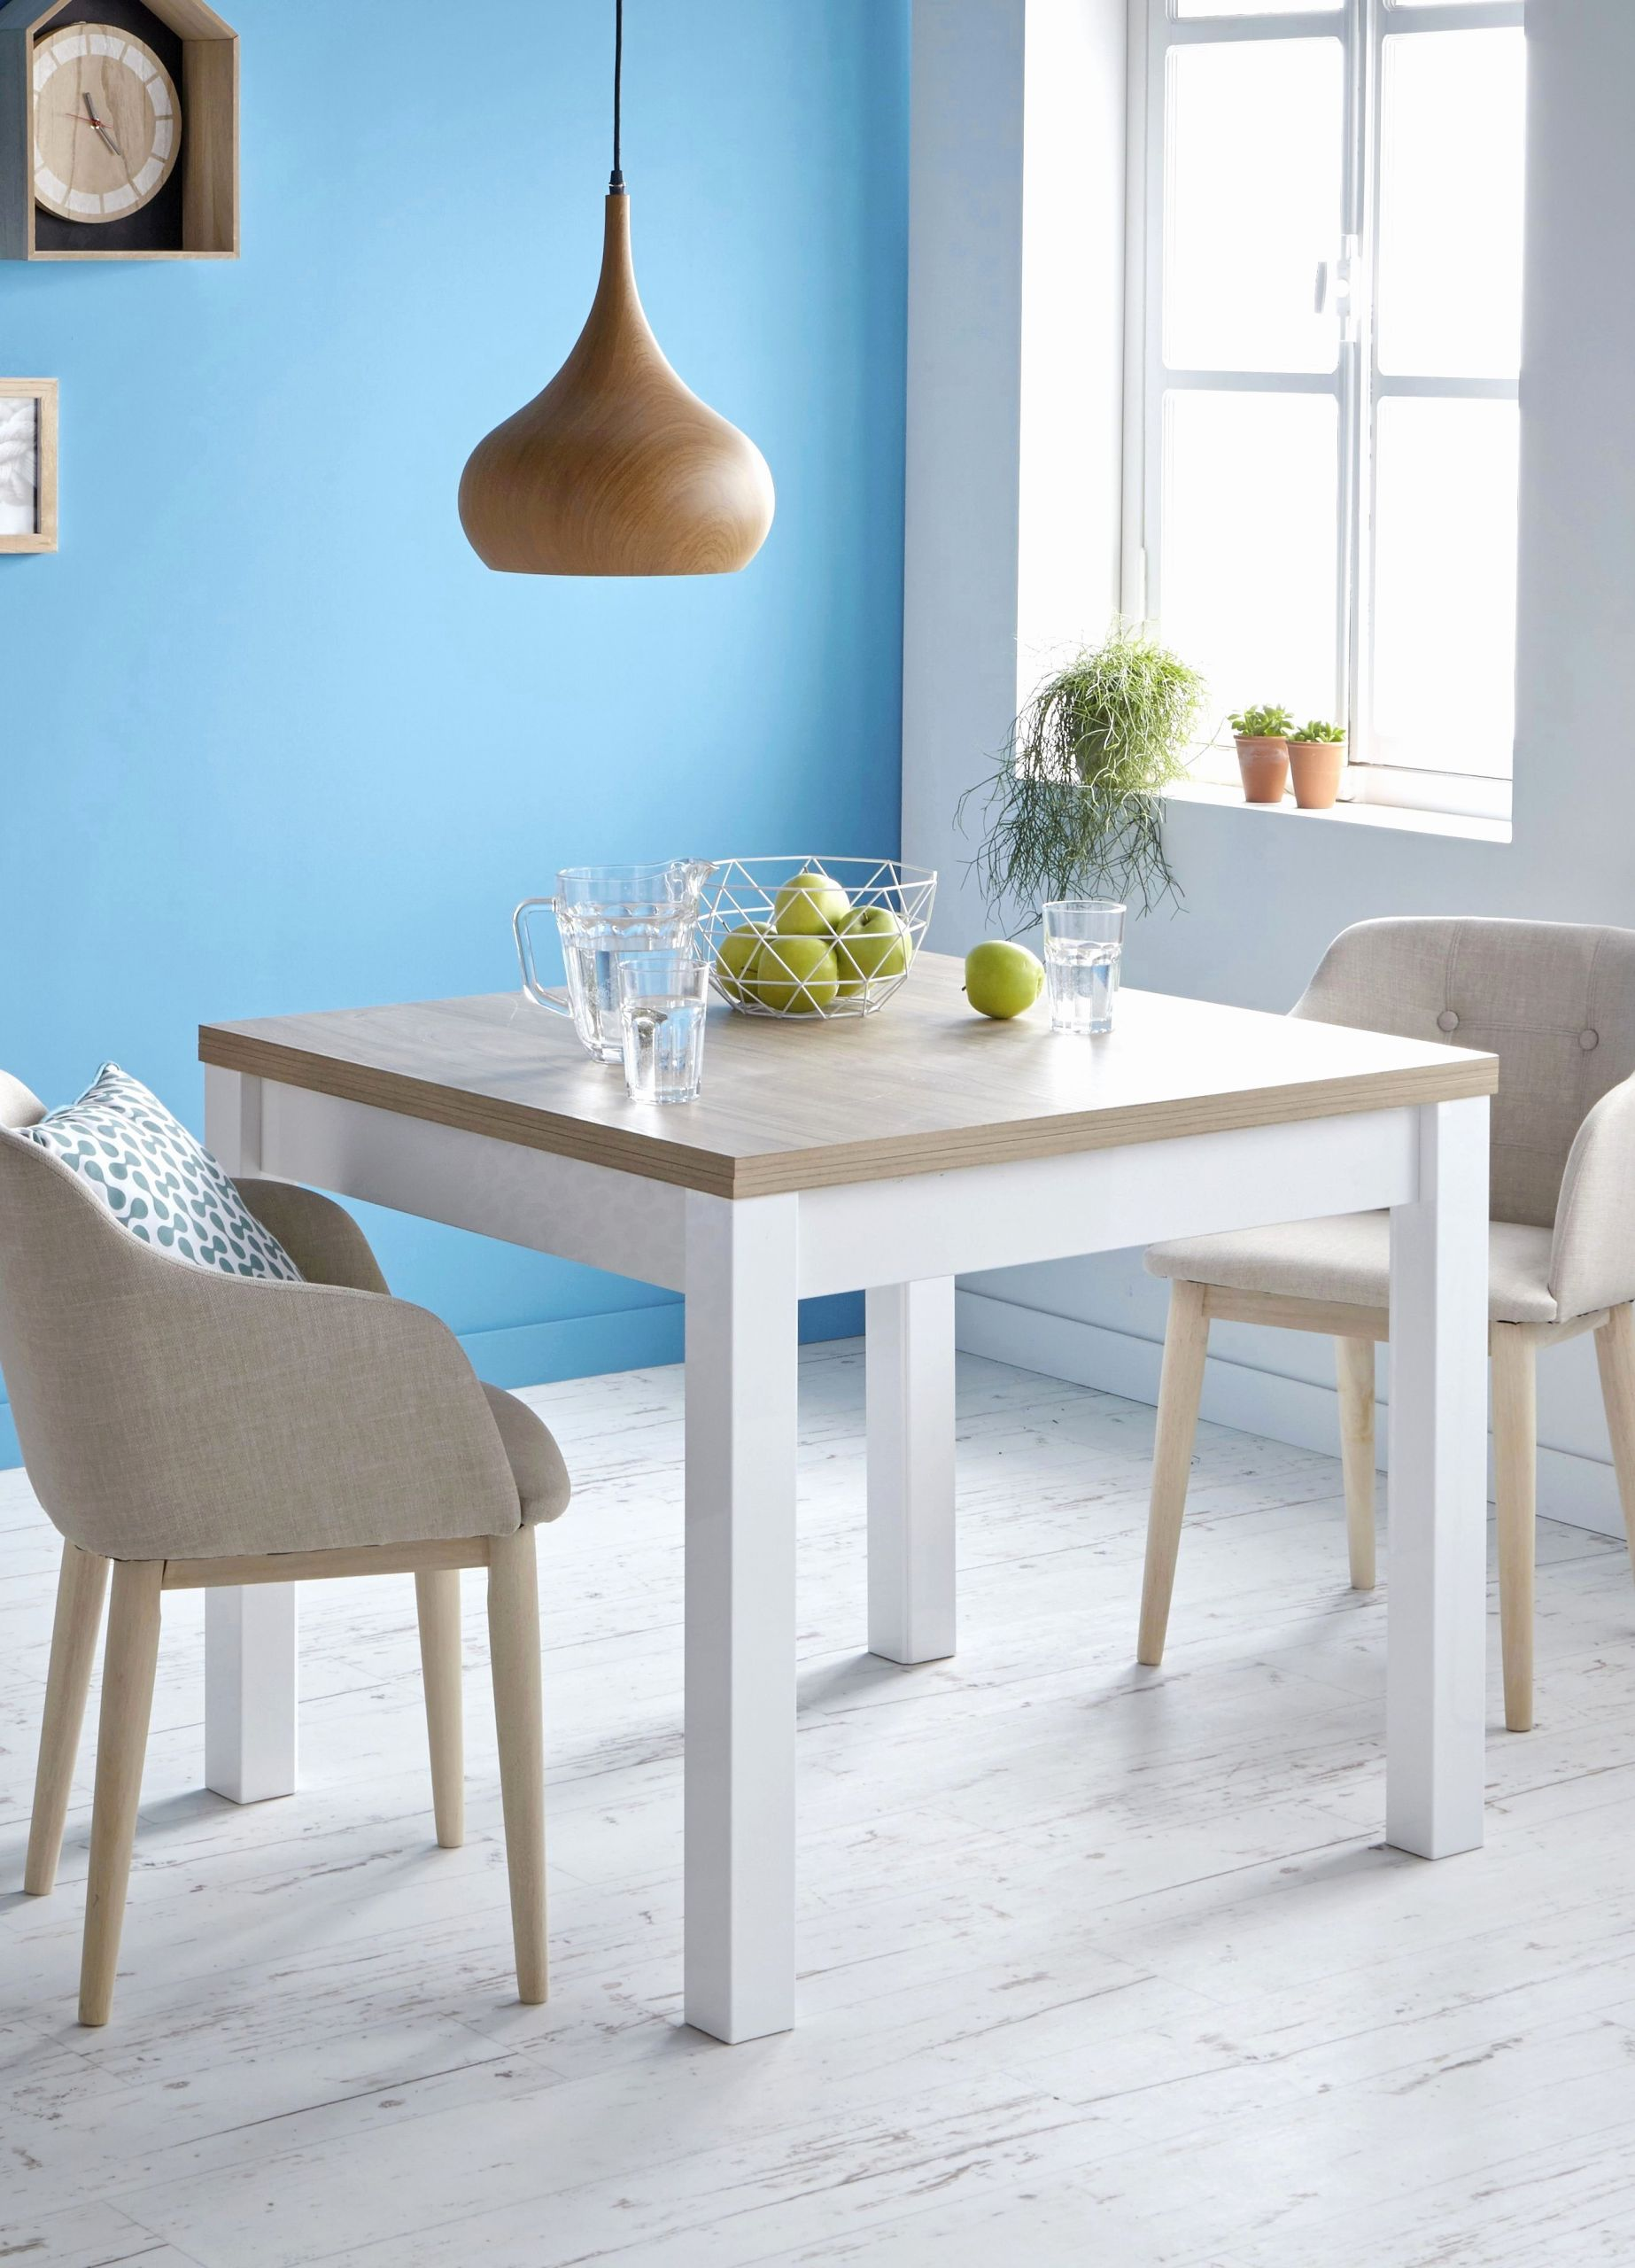 auchan table jardin elegant meuble tv auchan magnifique banc de jardin design au jardin of auchan table jardin